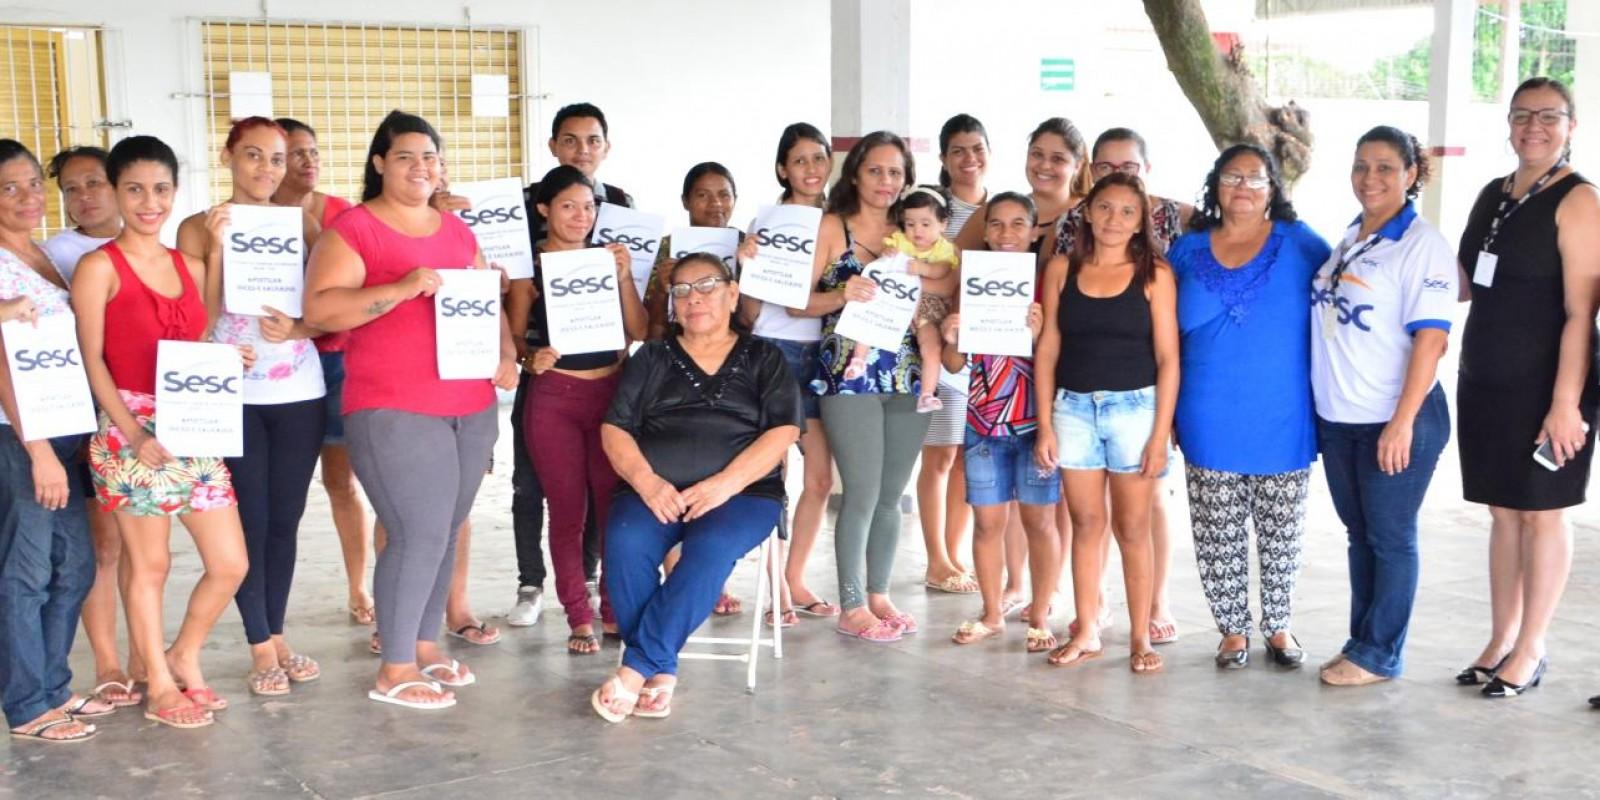 CURSO DE VALORIZAÇÃO SOCIAL DO SESC AMAPÁ